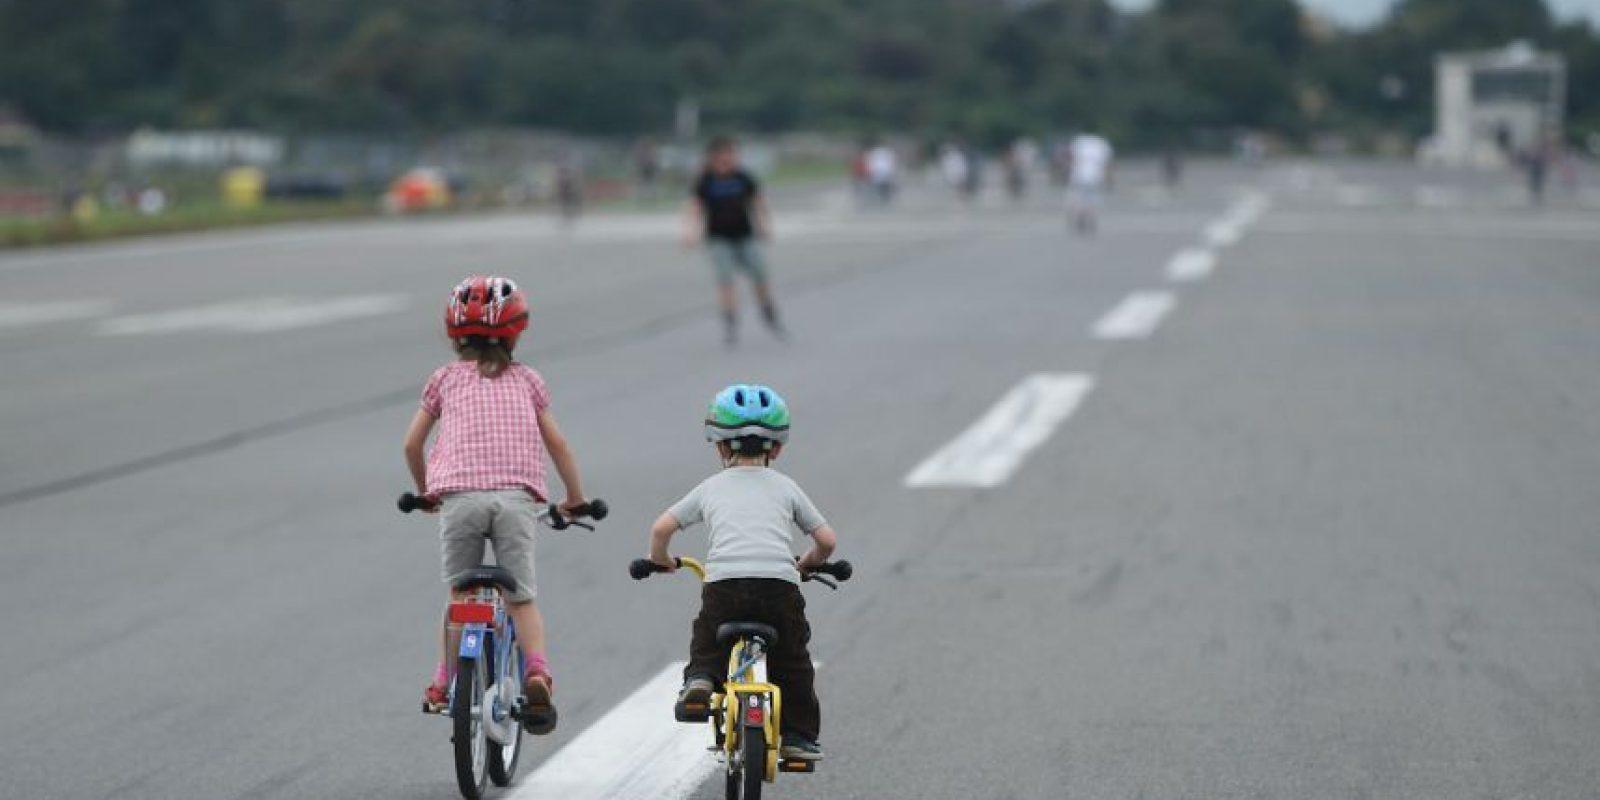 Según los reportes de la polícía, ni la carretera, ni la bicicleta o algún vehículo fue la causa del trágico accidente que terminó con la vida de Peter Foto:Getty Images